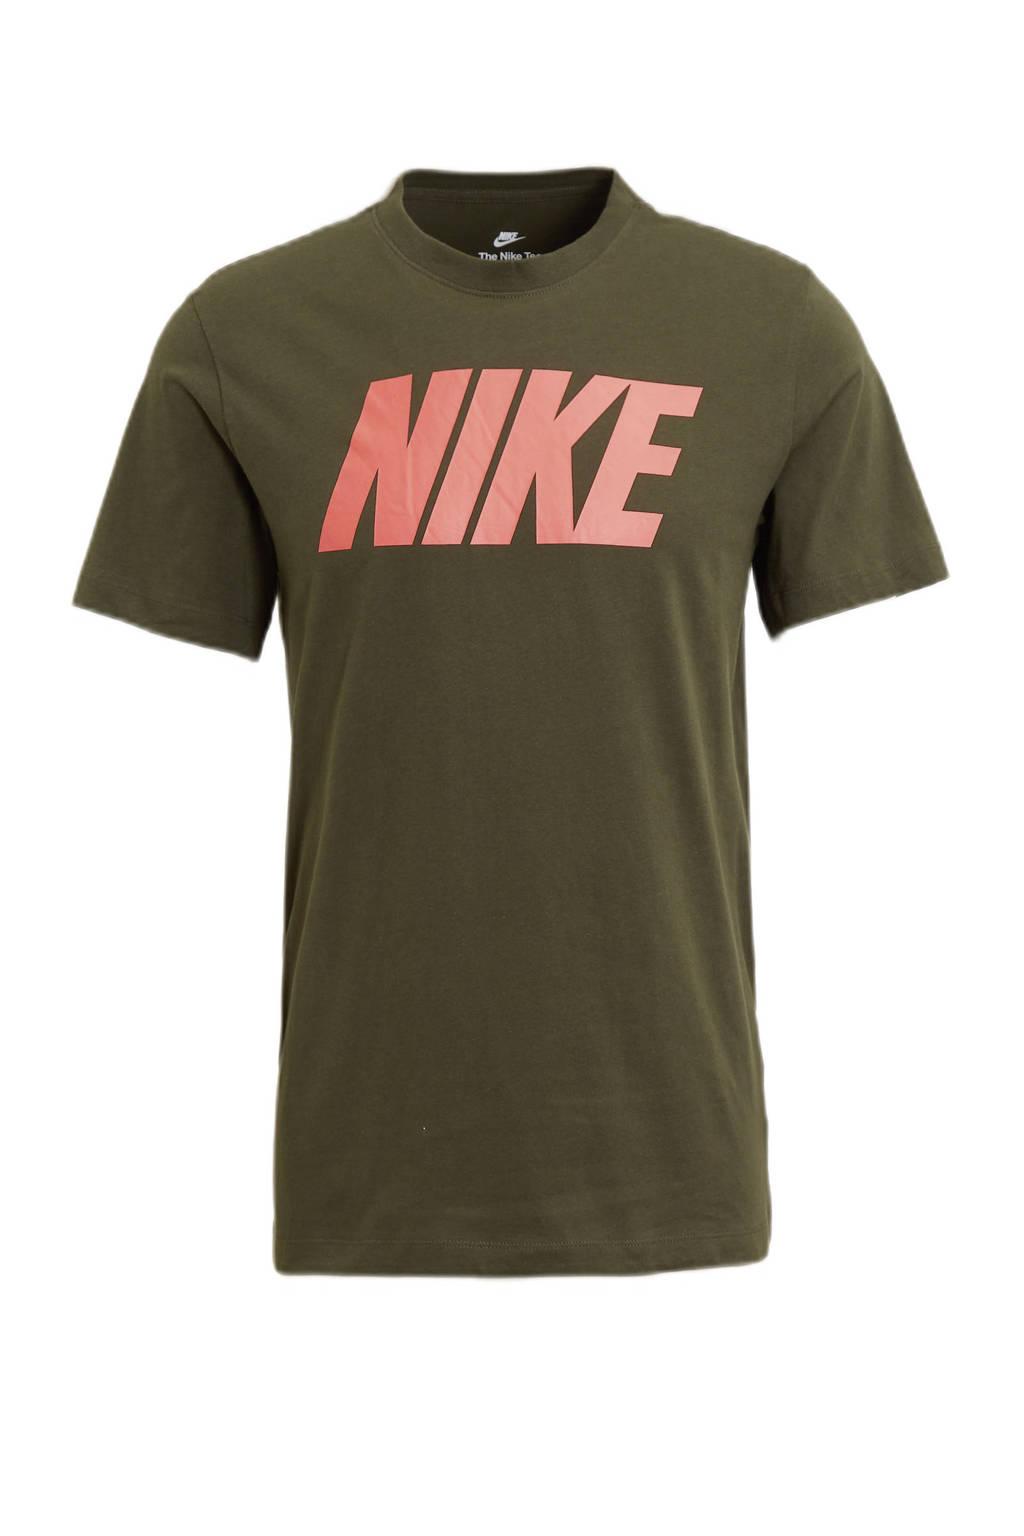 Nike T-shirt zwart/oranje, Zwart/oranje